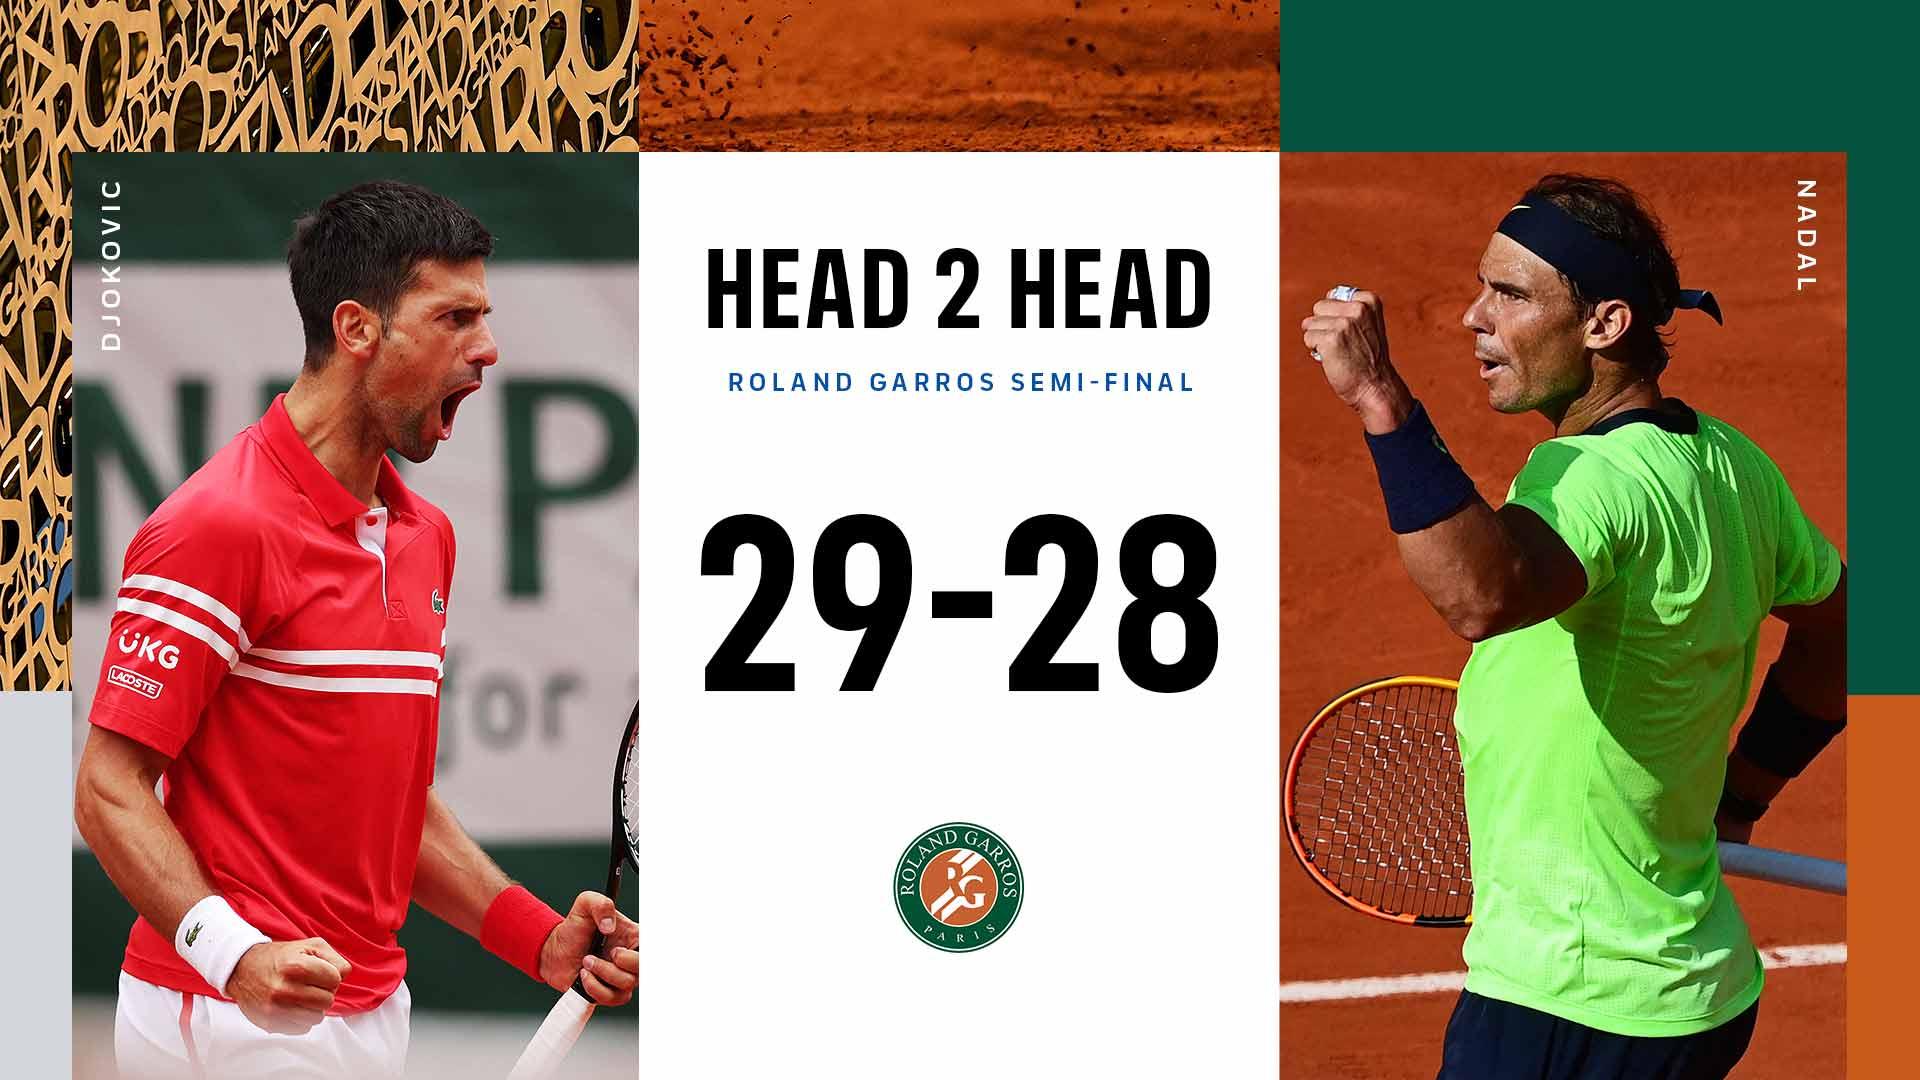 Roland Garros Polufinale Tipovanje: Novak Djokovic vs Rafael Nadal